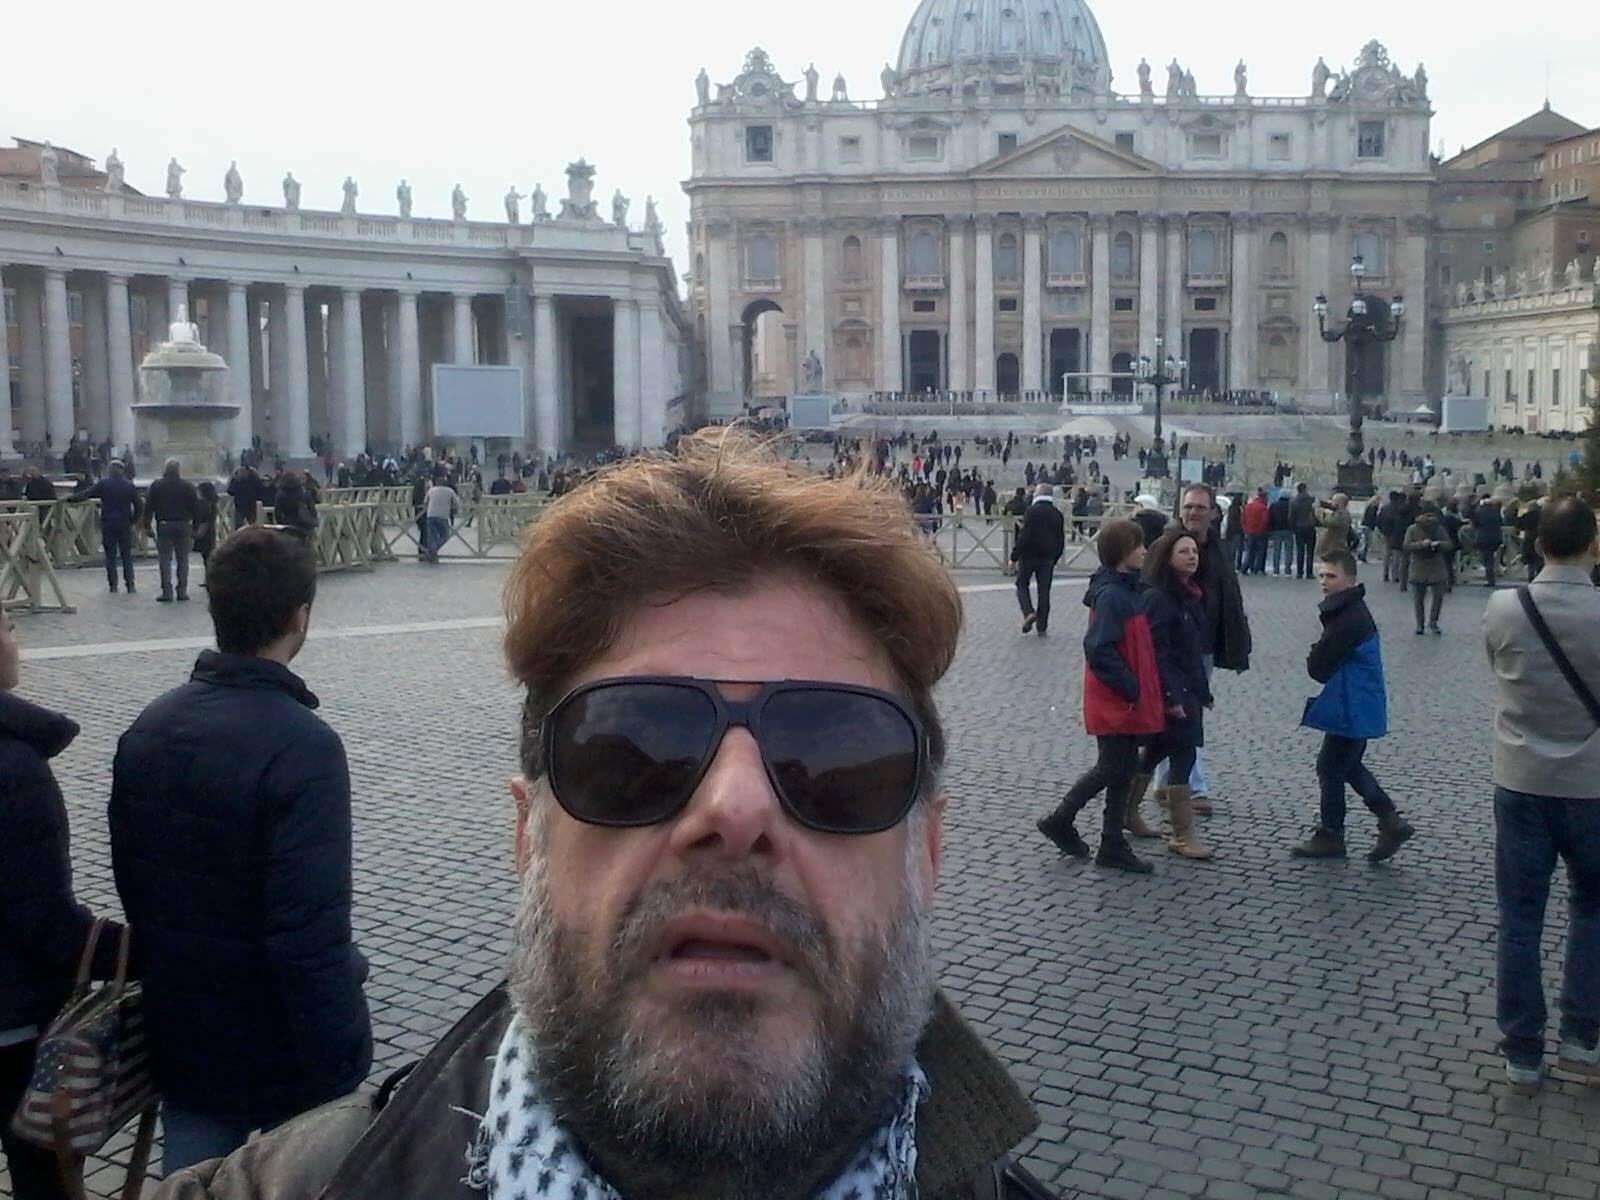 Entra nudo a San Pietro: arrestato, ora è in ospedale